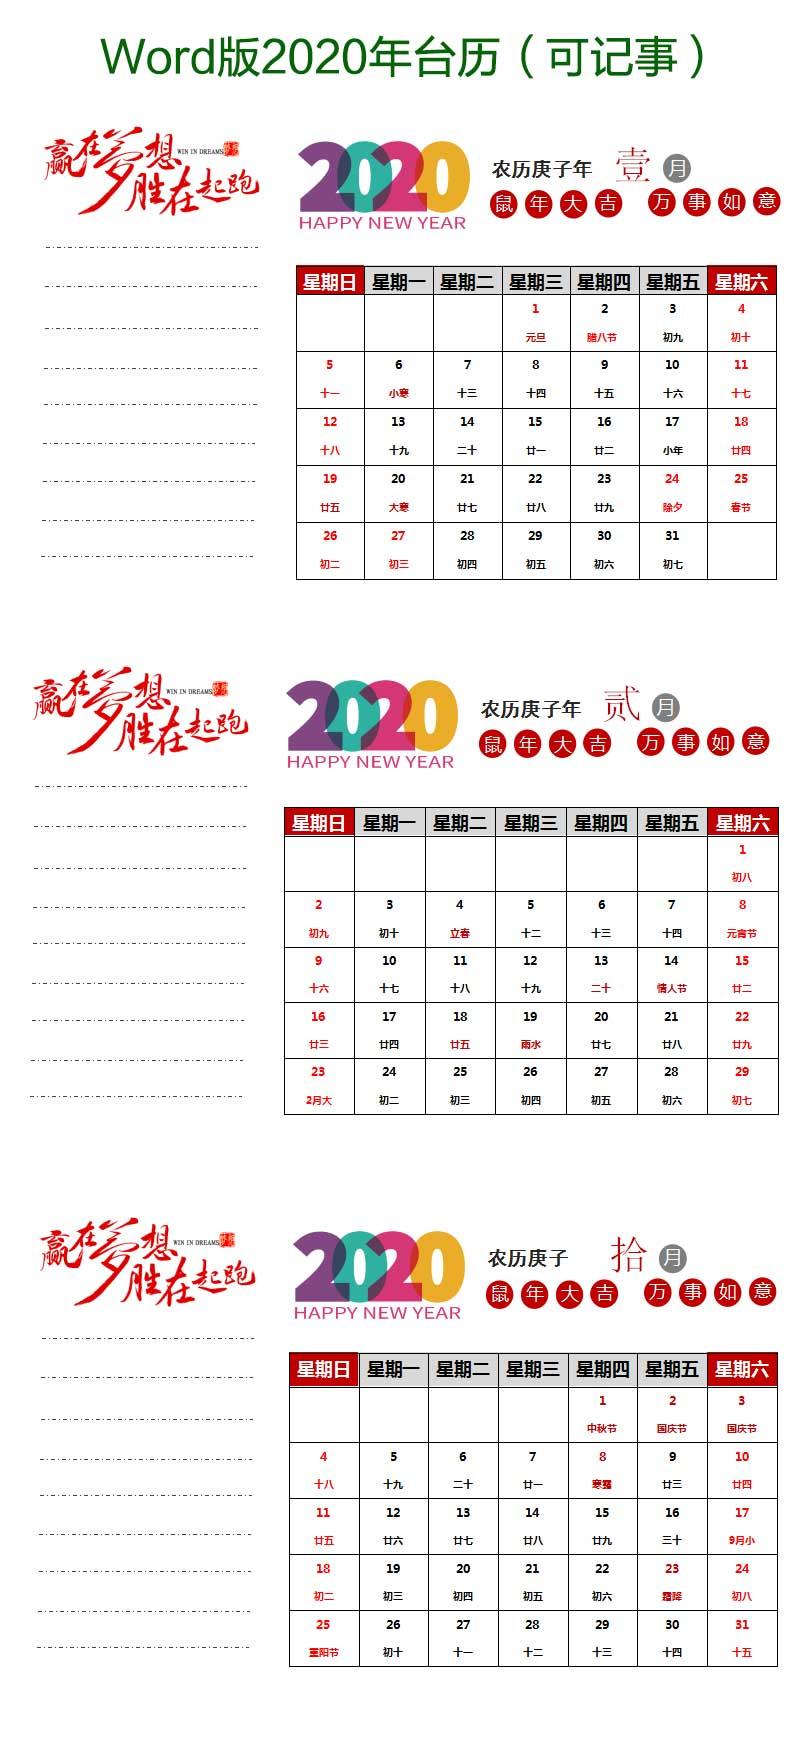 2020年Word版台历(可记事)